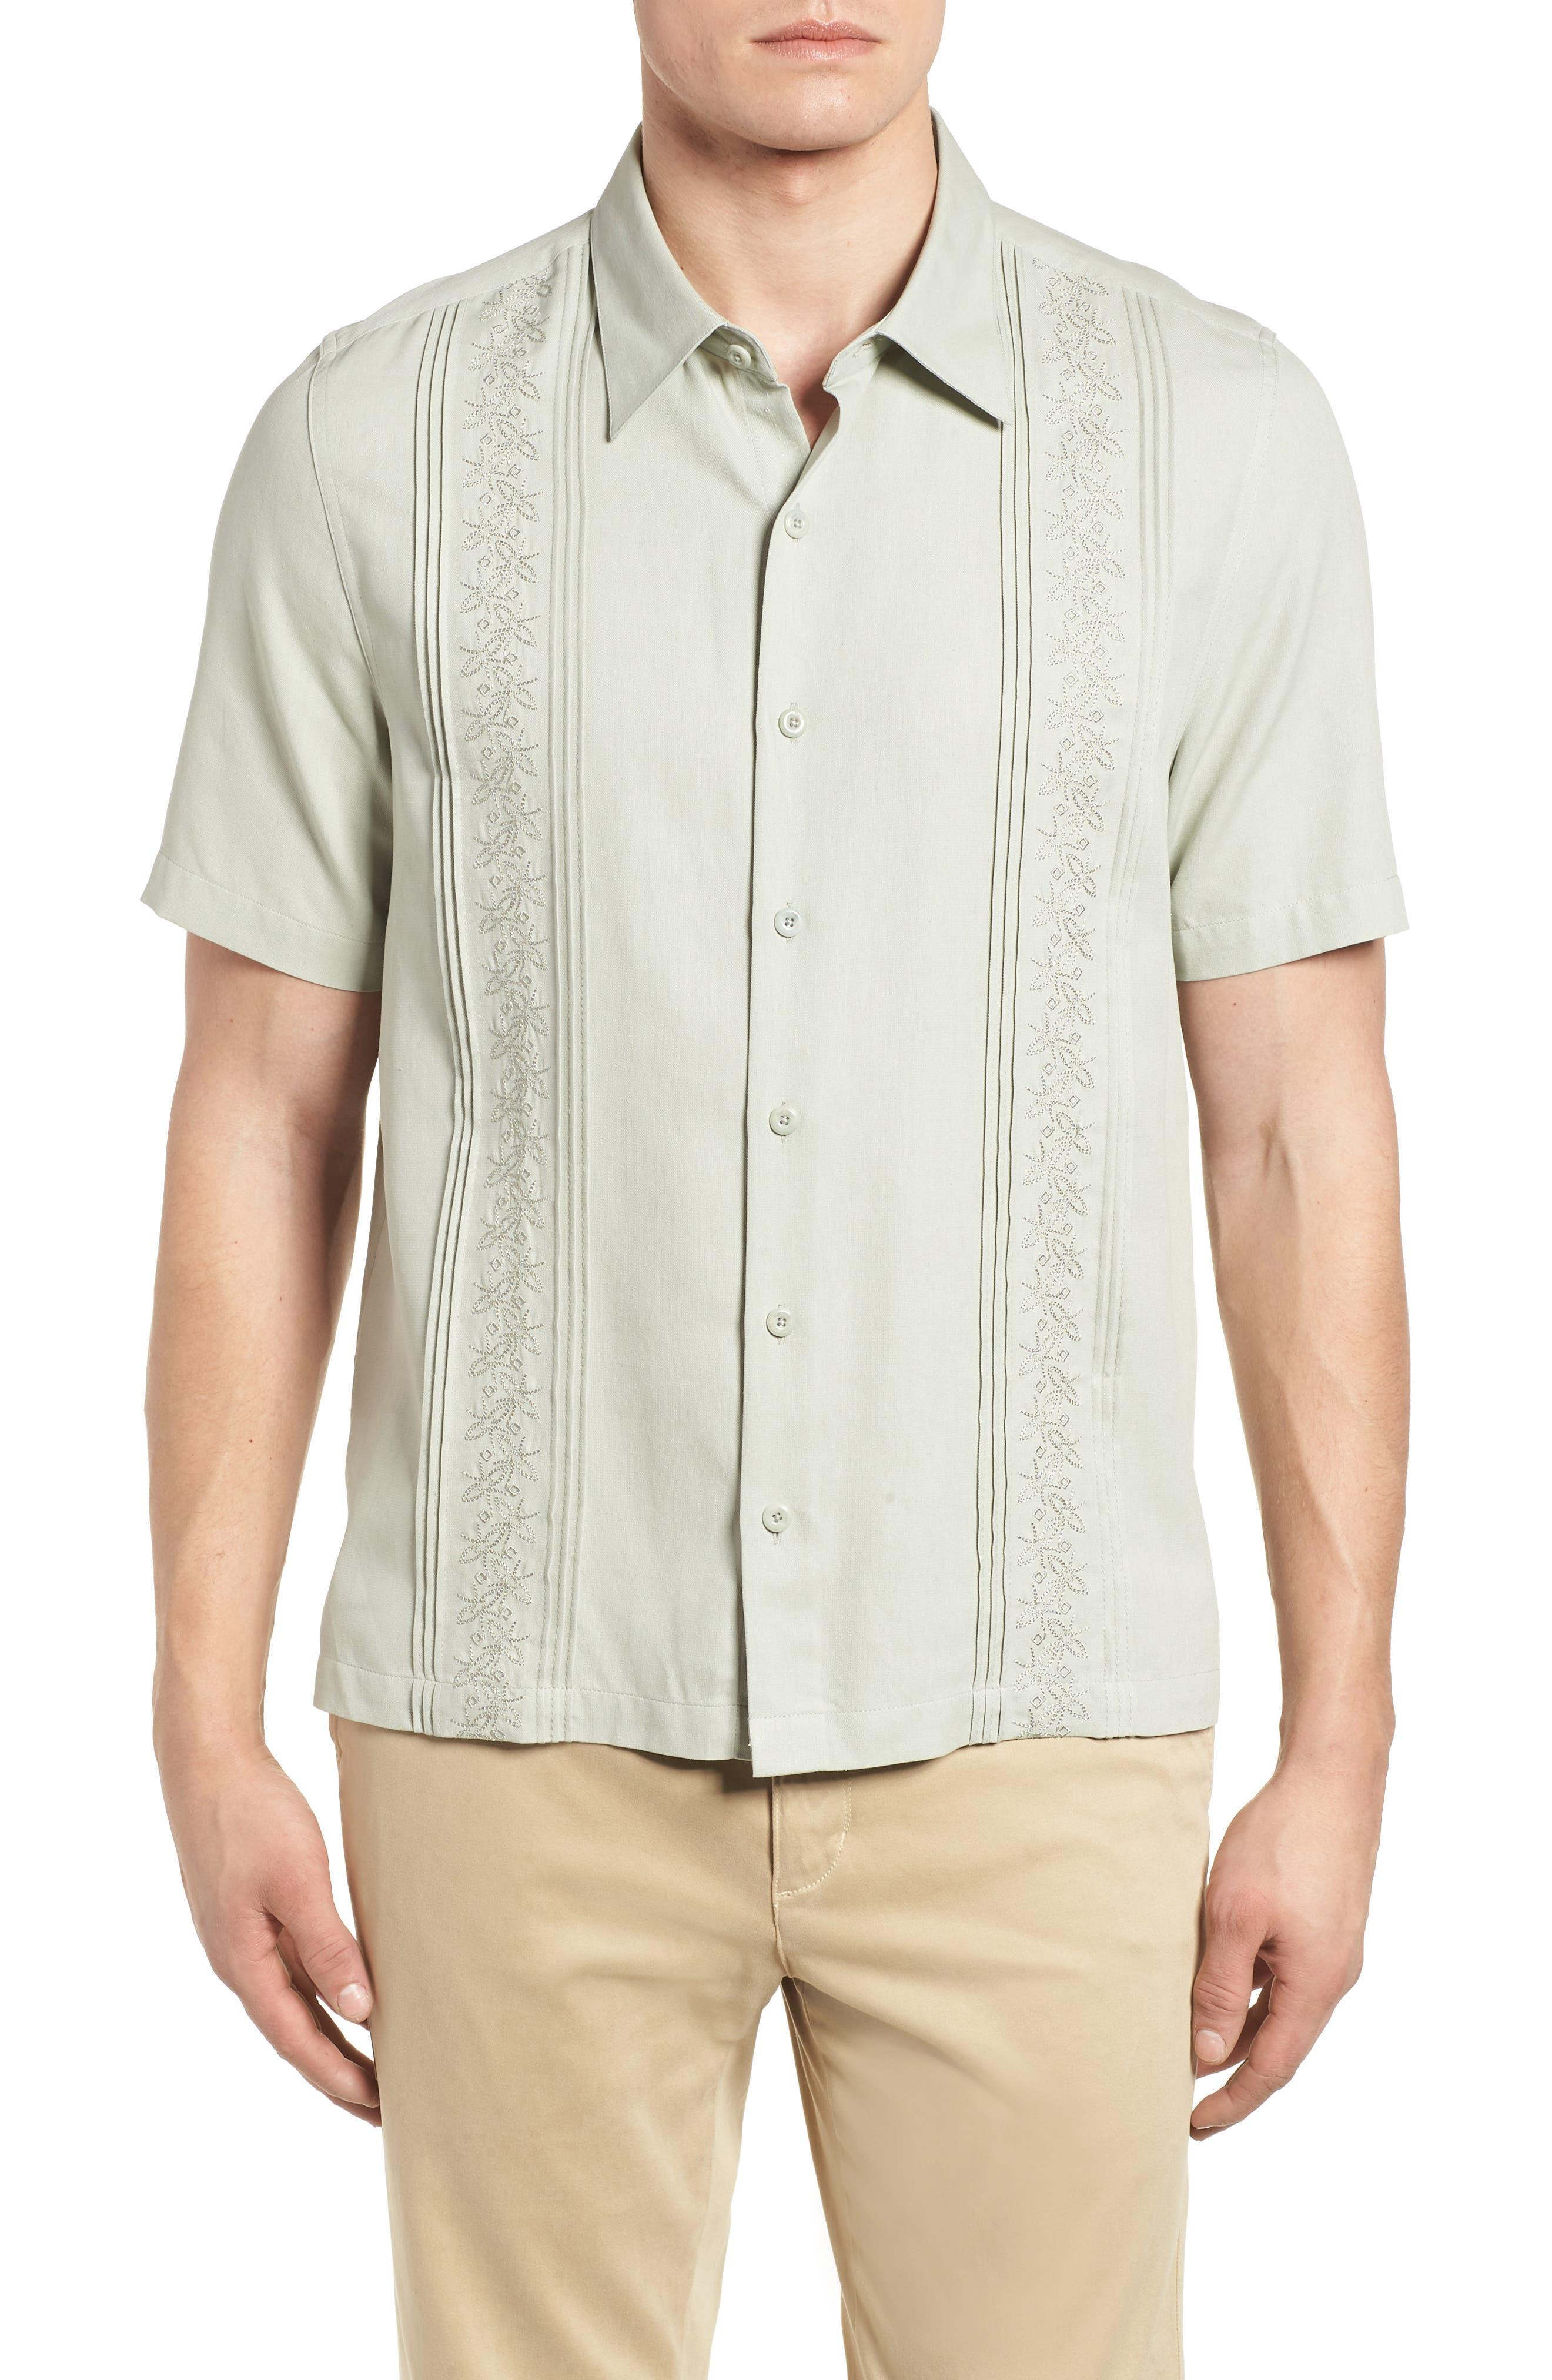 La Fleur Camp Shirt,                             Main thumbnail 1, color,                             Carbon